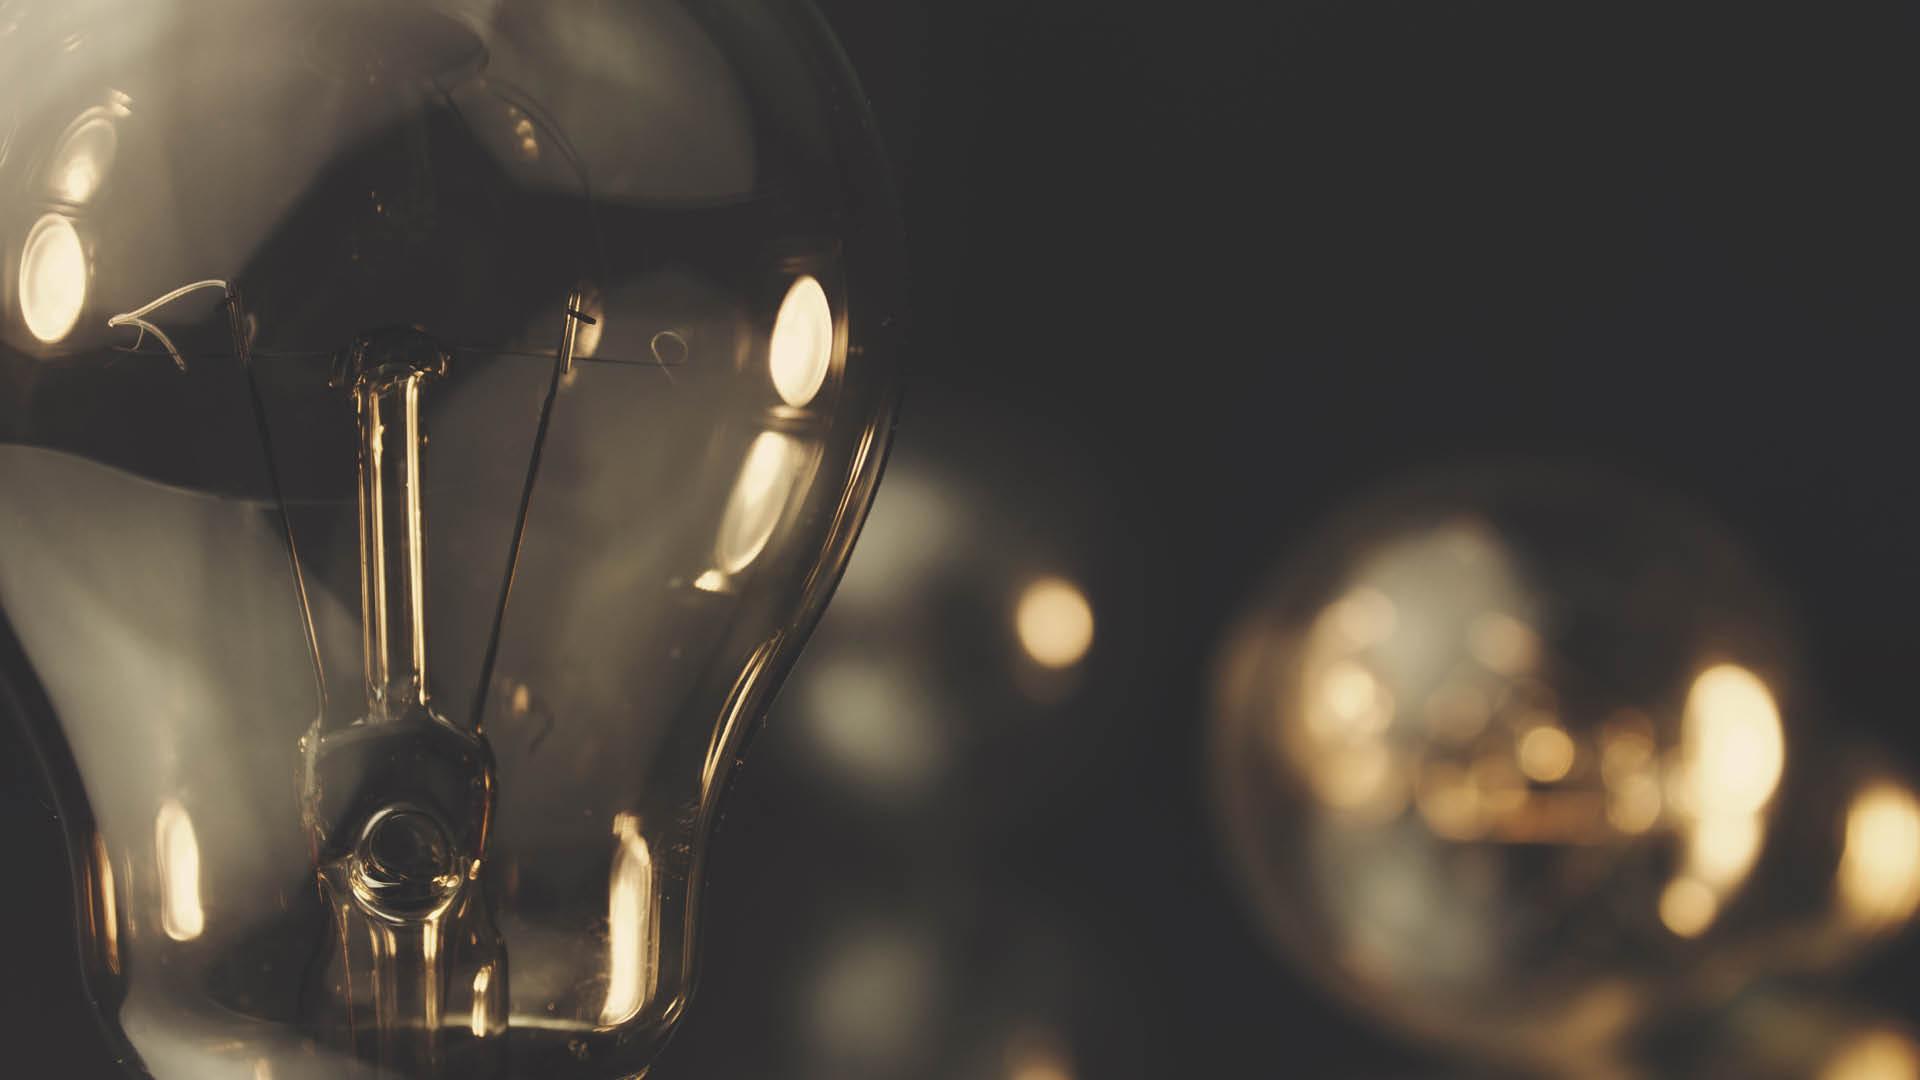 bulb in dark background